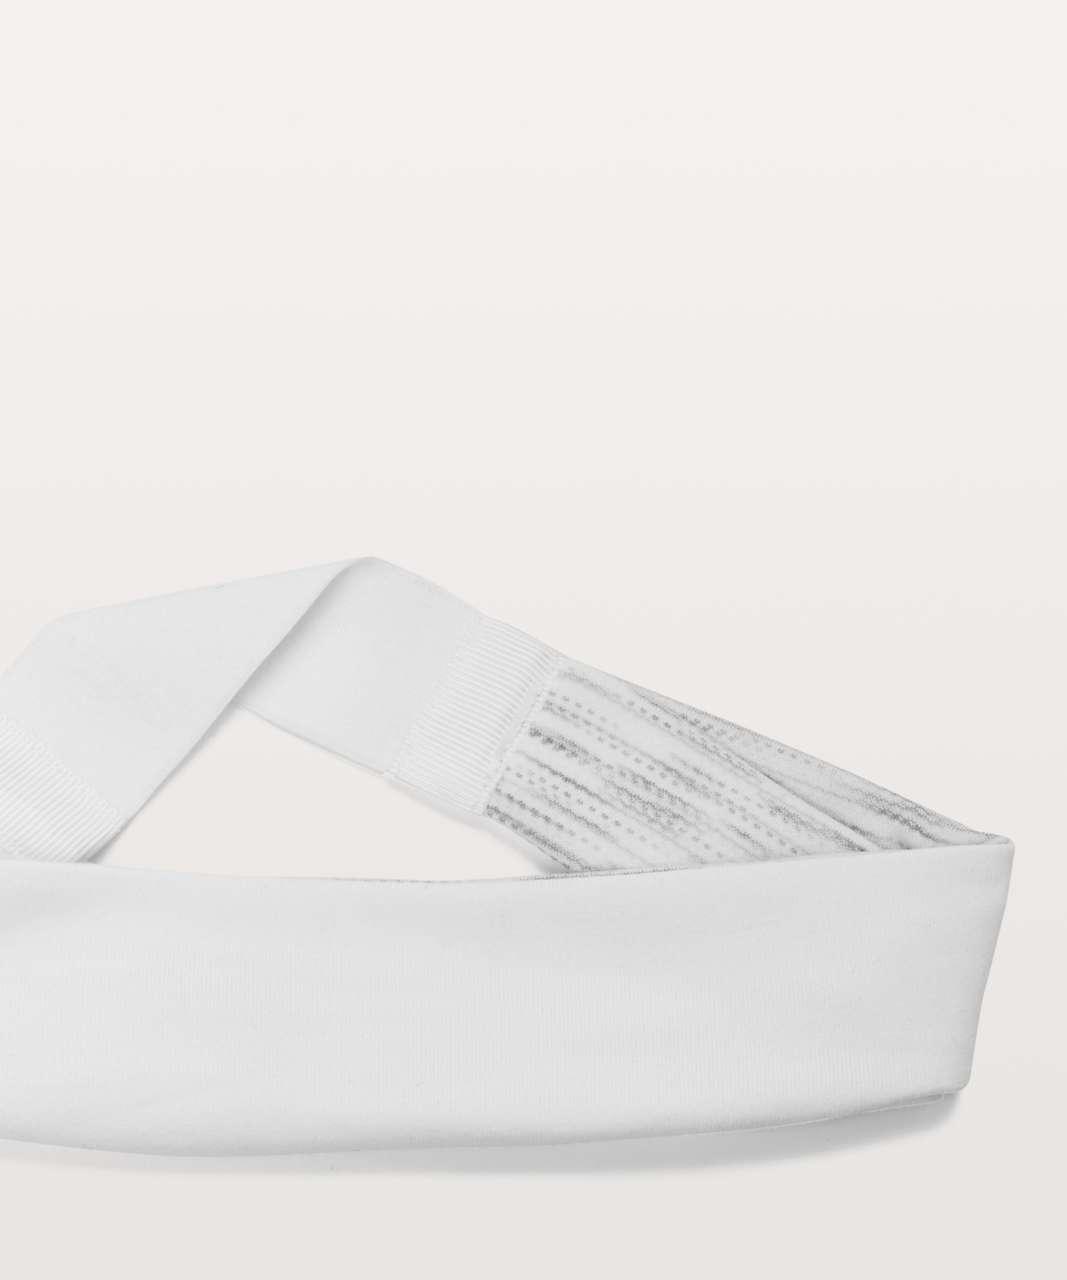 Lululemon Fringe Fighter Headband - White / Tiger Space Dye Hail White (First Release)